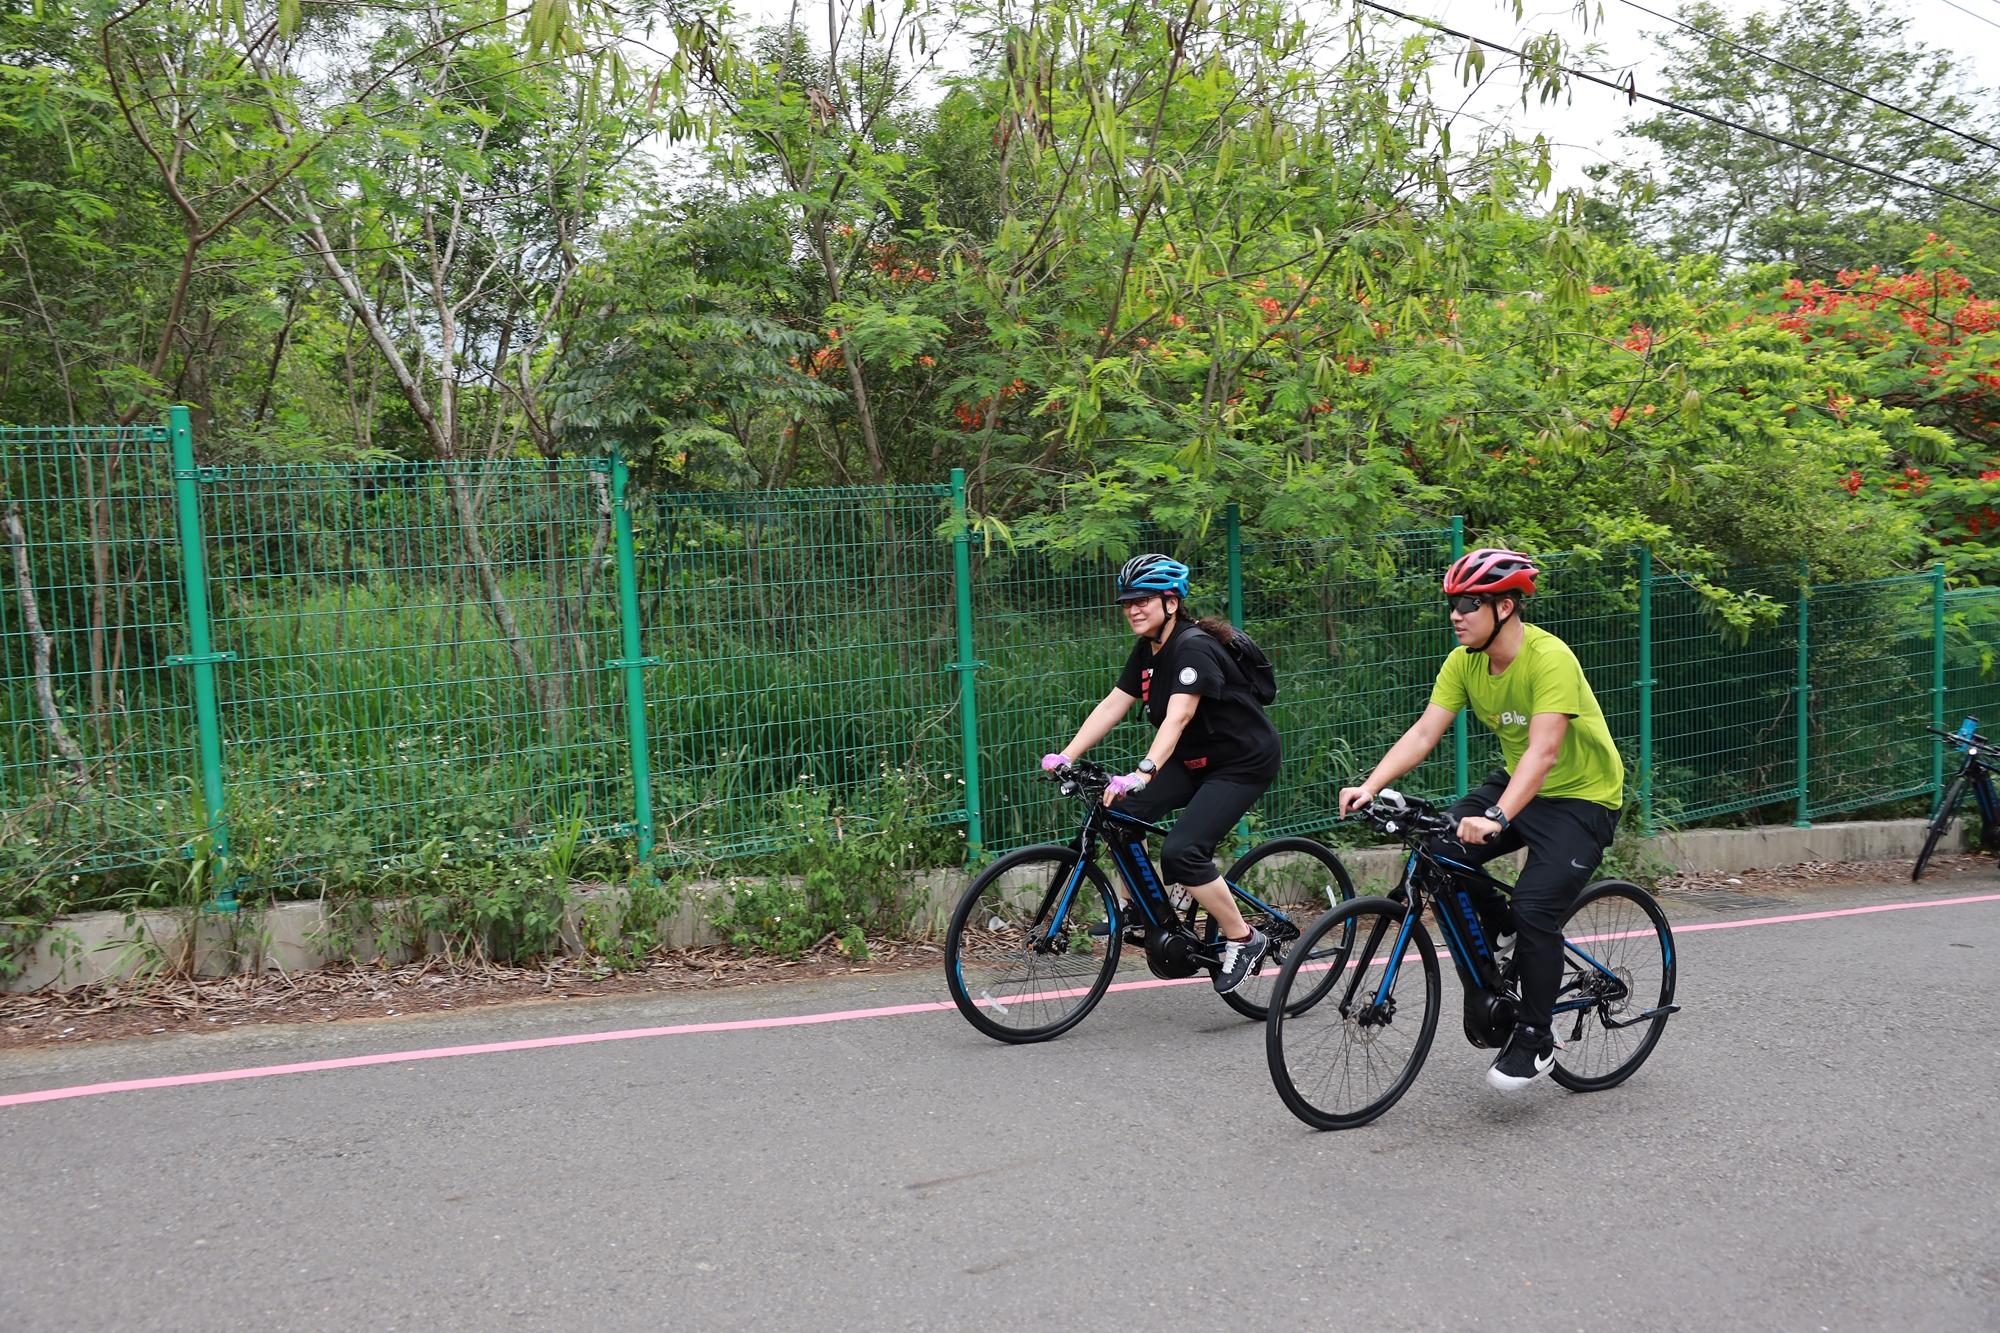 E-Bike騎乘技巧